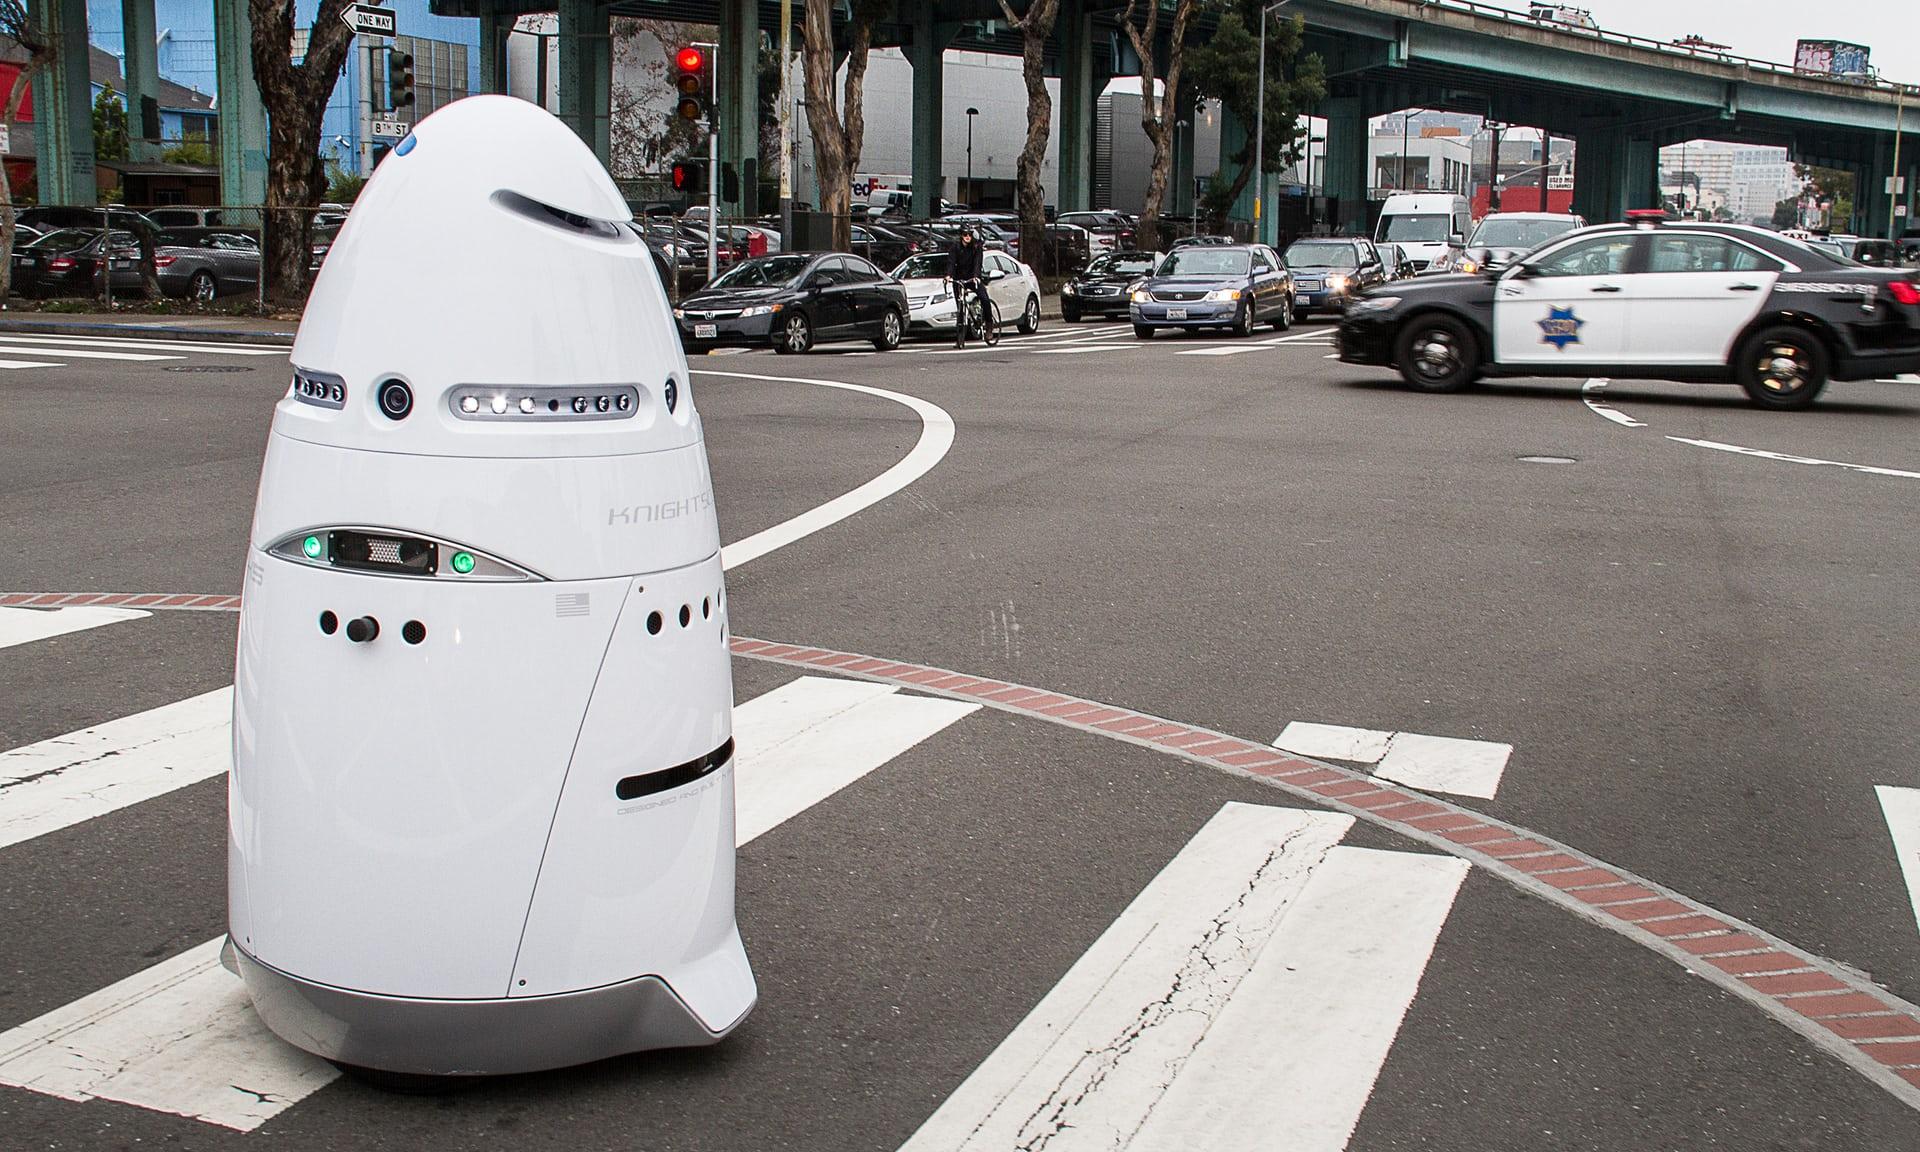 Каким должен быть дизайн роботов будущего?